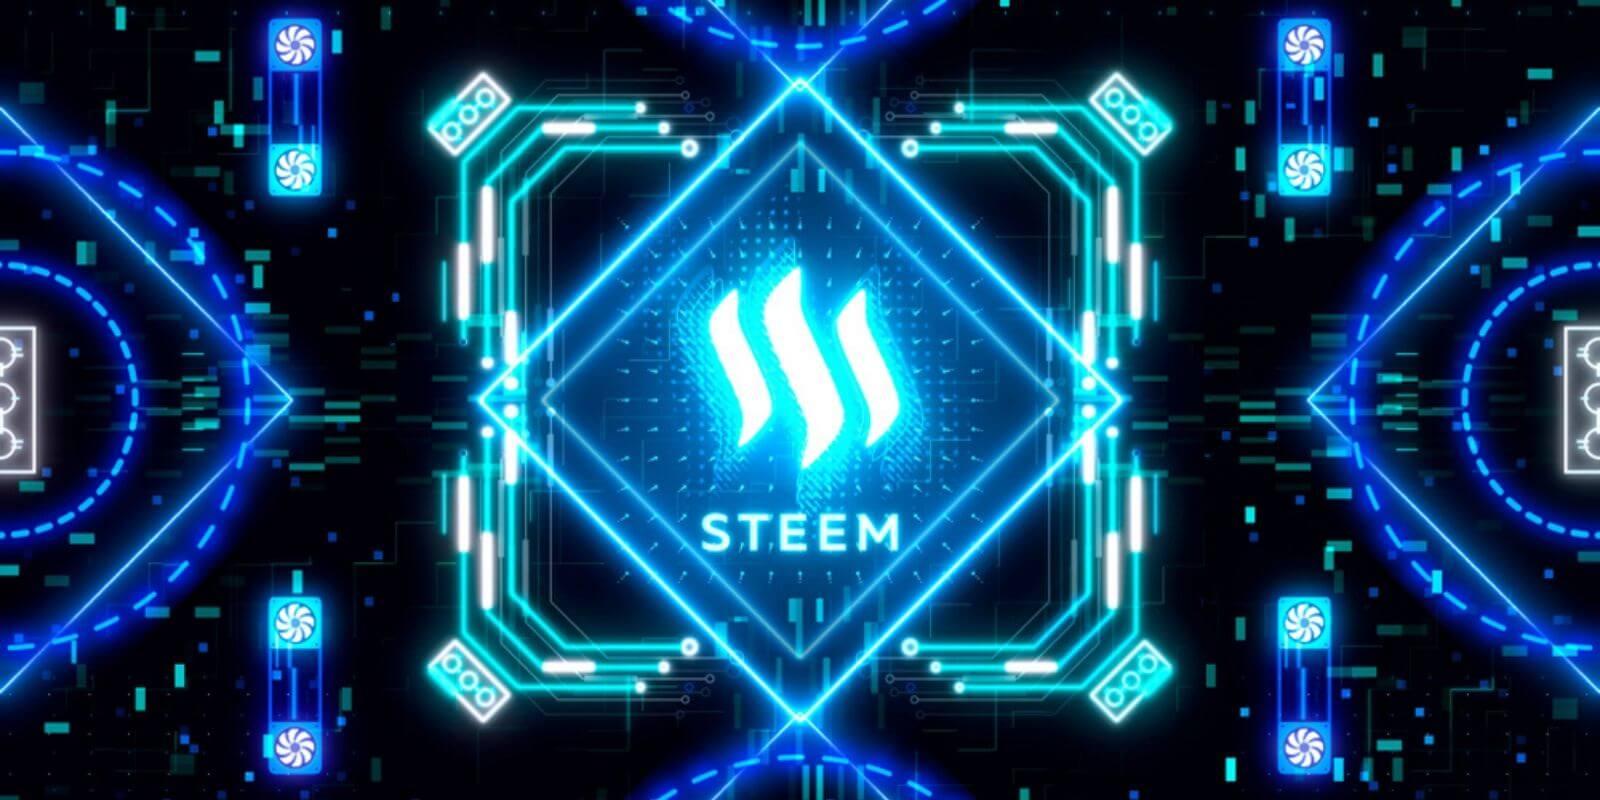 Steem: Hive a été lancé, la guerre des réseaux sociaux continue